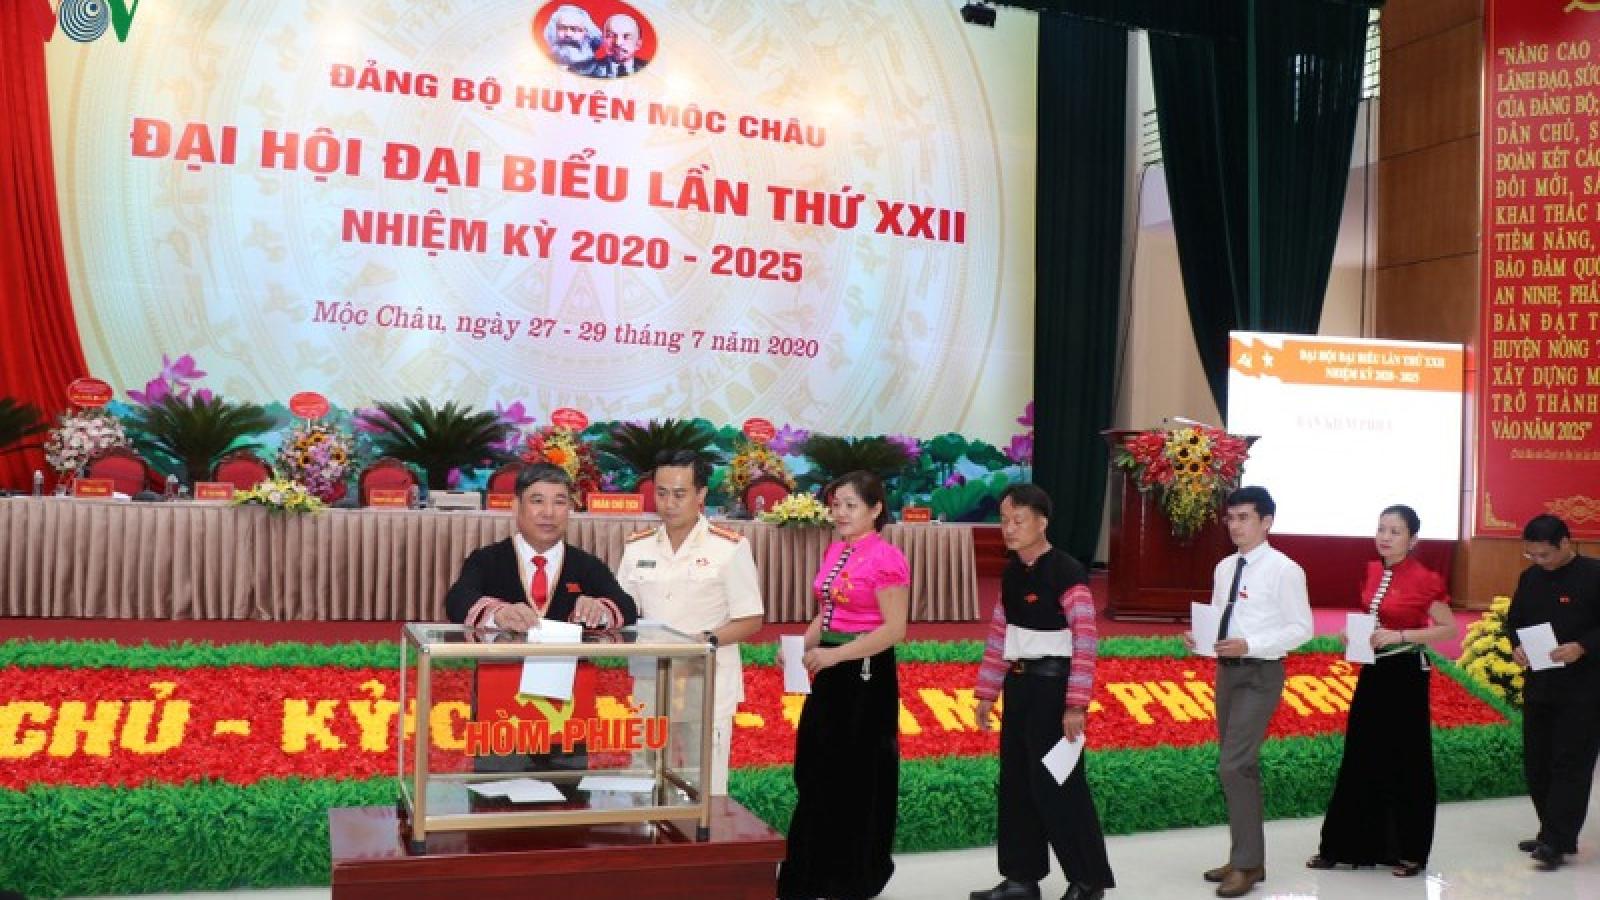 Ông Trần Dân Khôi tiếp tục tái cử Bí thư Huyện ủy Mộc Châu